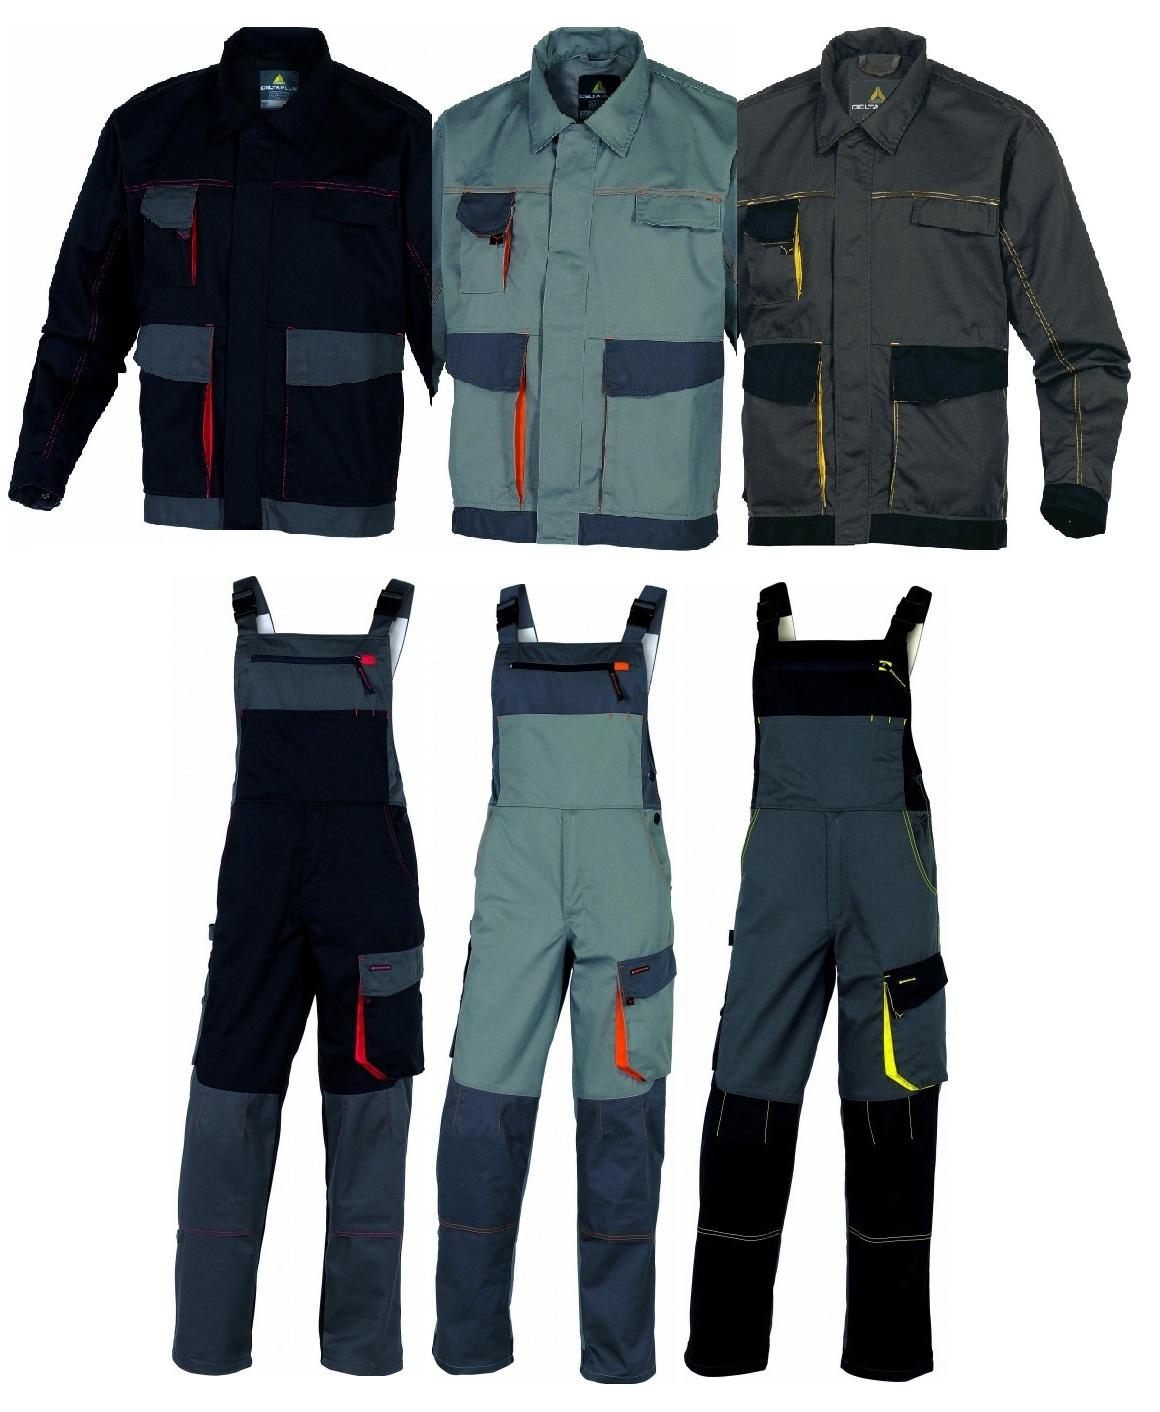 6b305bb9dafd Pracovné odevy - Súprava D-MACH DELTAPLUS na traky